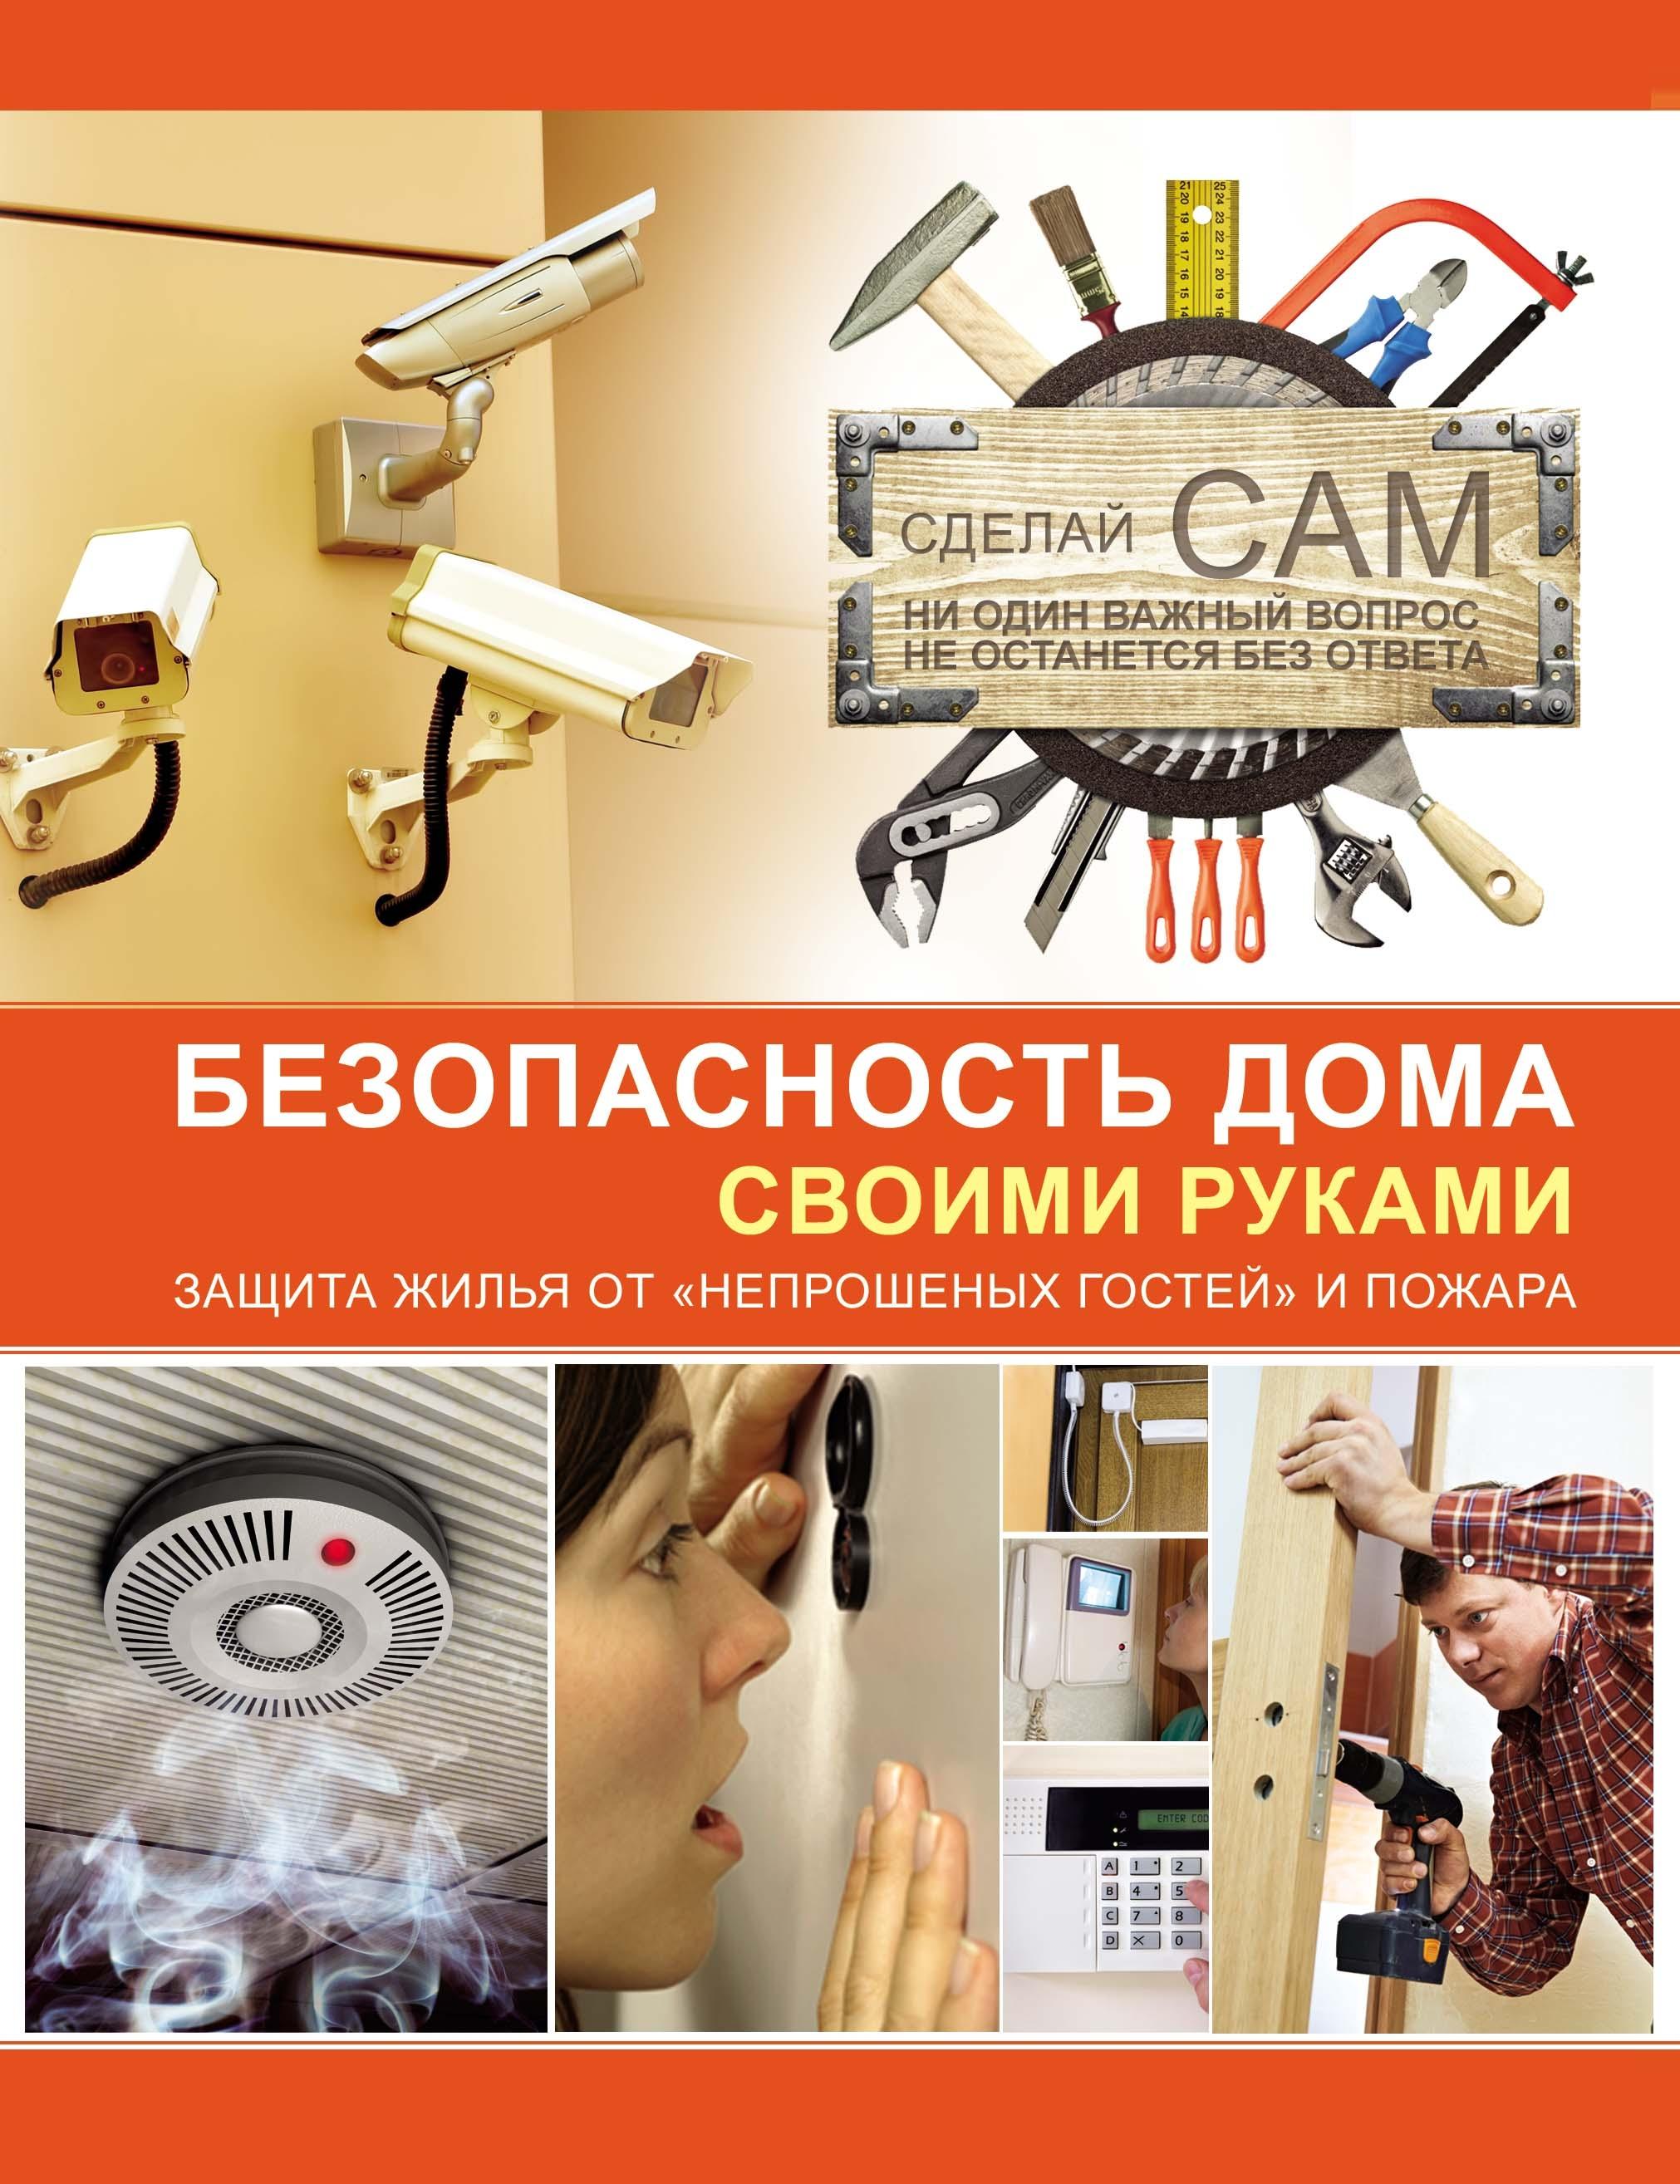 Безопасность дома своими руками ( Мерников А.Г.  )